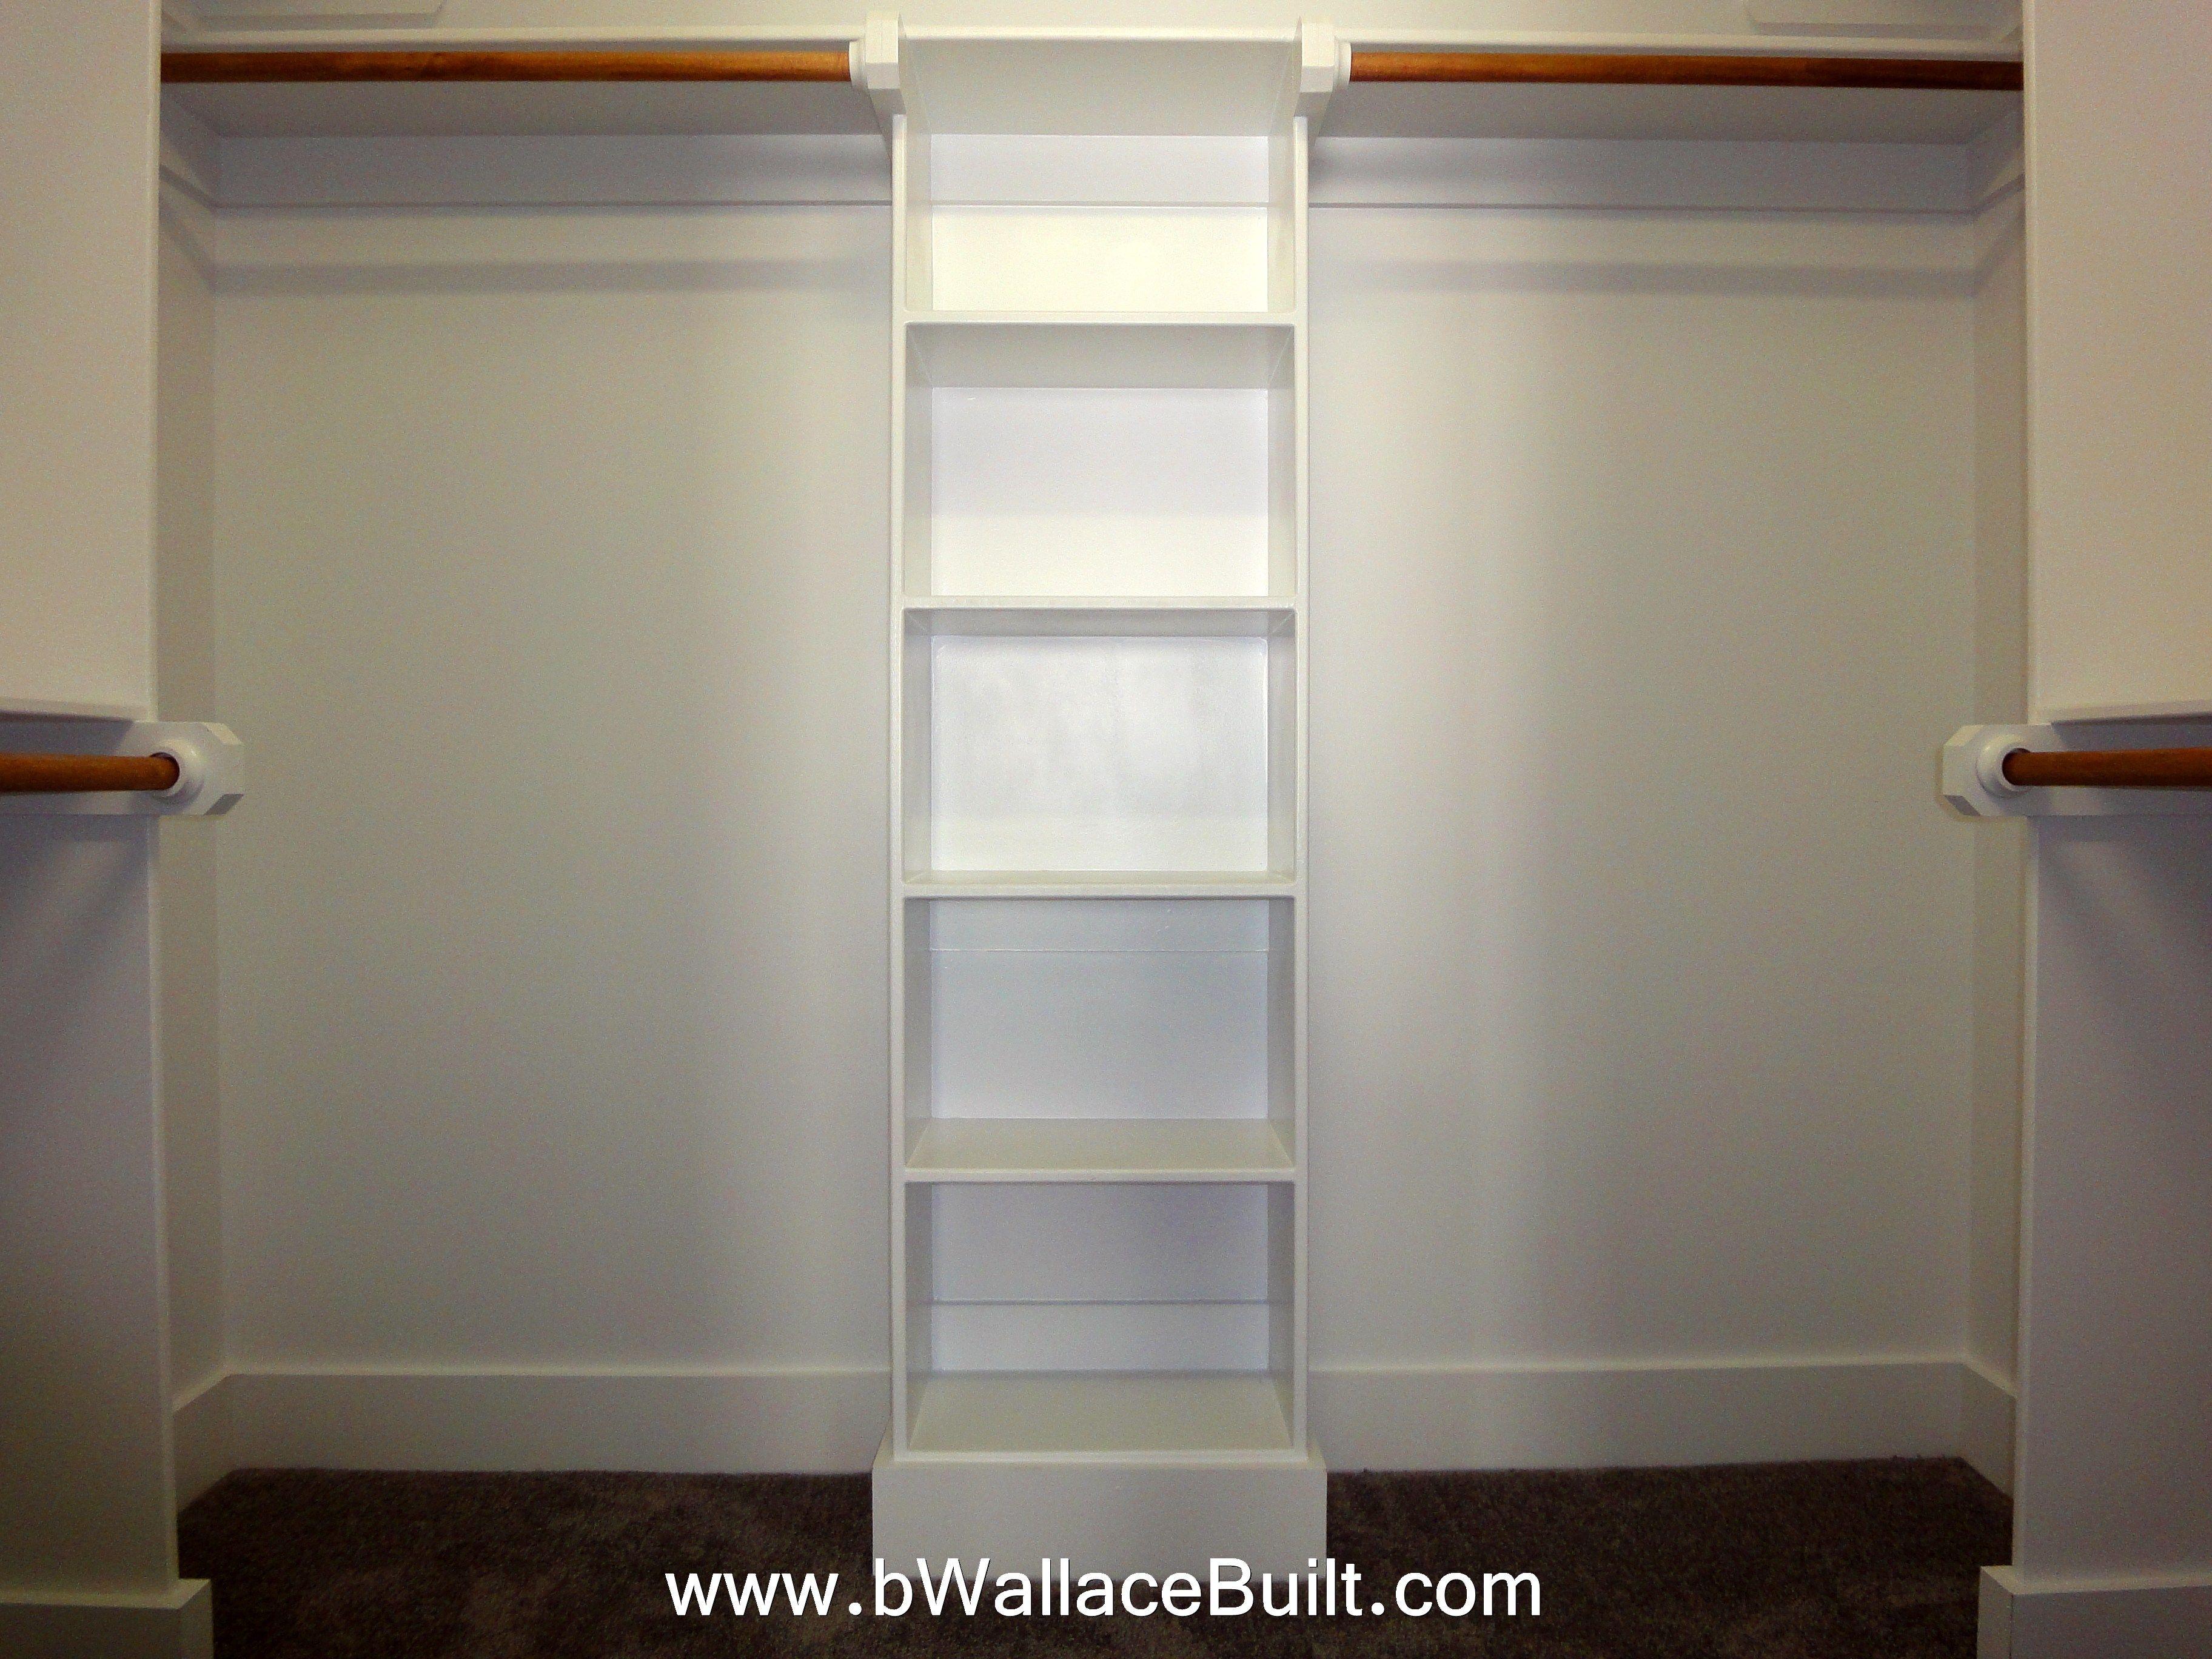 Custom Wood Closet Shelving Diy Pinterest